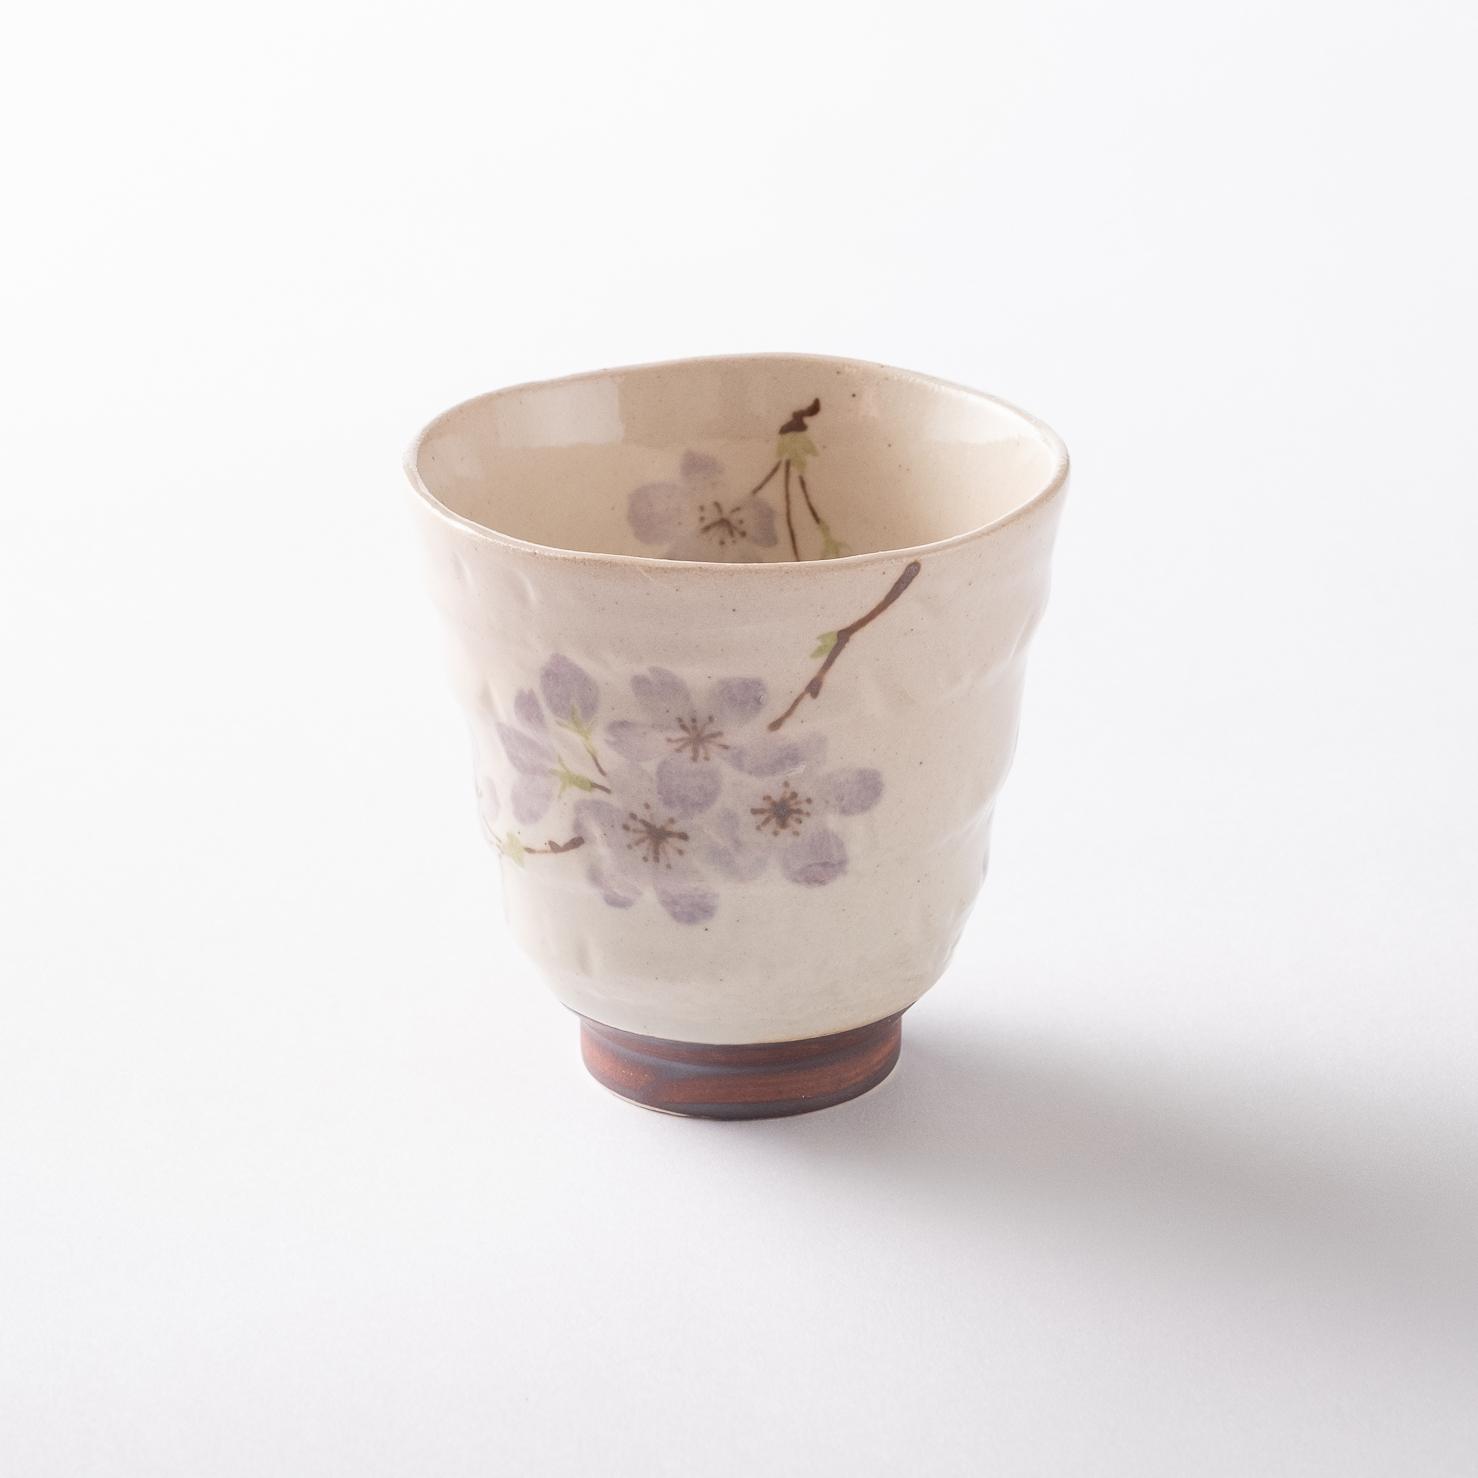 【美濃焼】軽量湯呑み「軽い湯呑 京桜 紫」